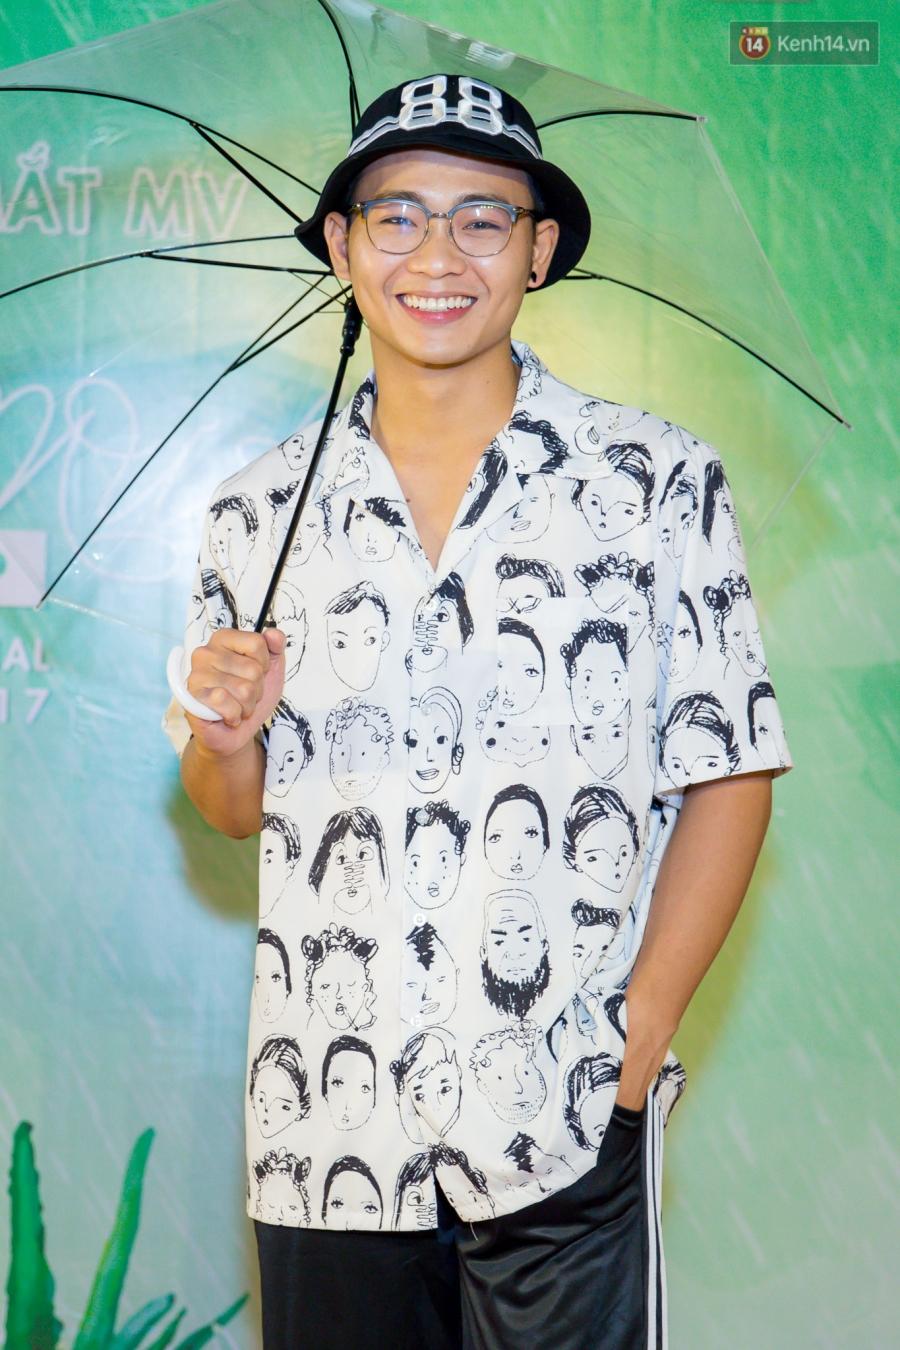 Huỳnh Lập vào vai Em gái... lầy, biến Em gái mưa sầu thảm thành một chuỗi hài kịch cười đau bụng - Ảnh 5.